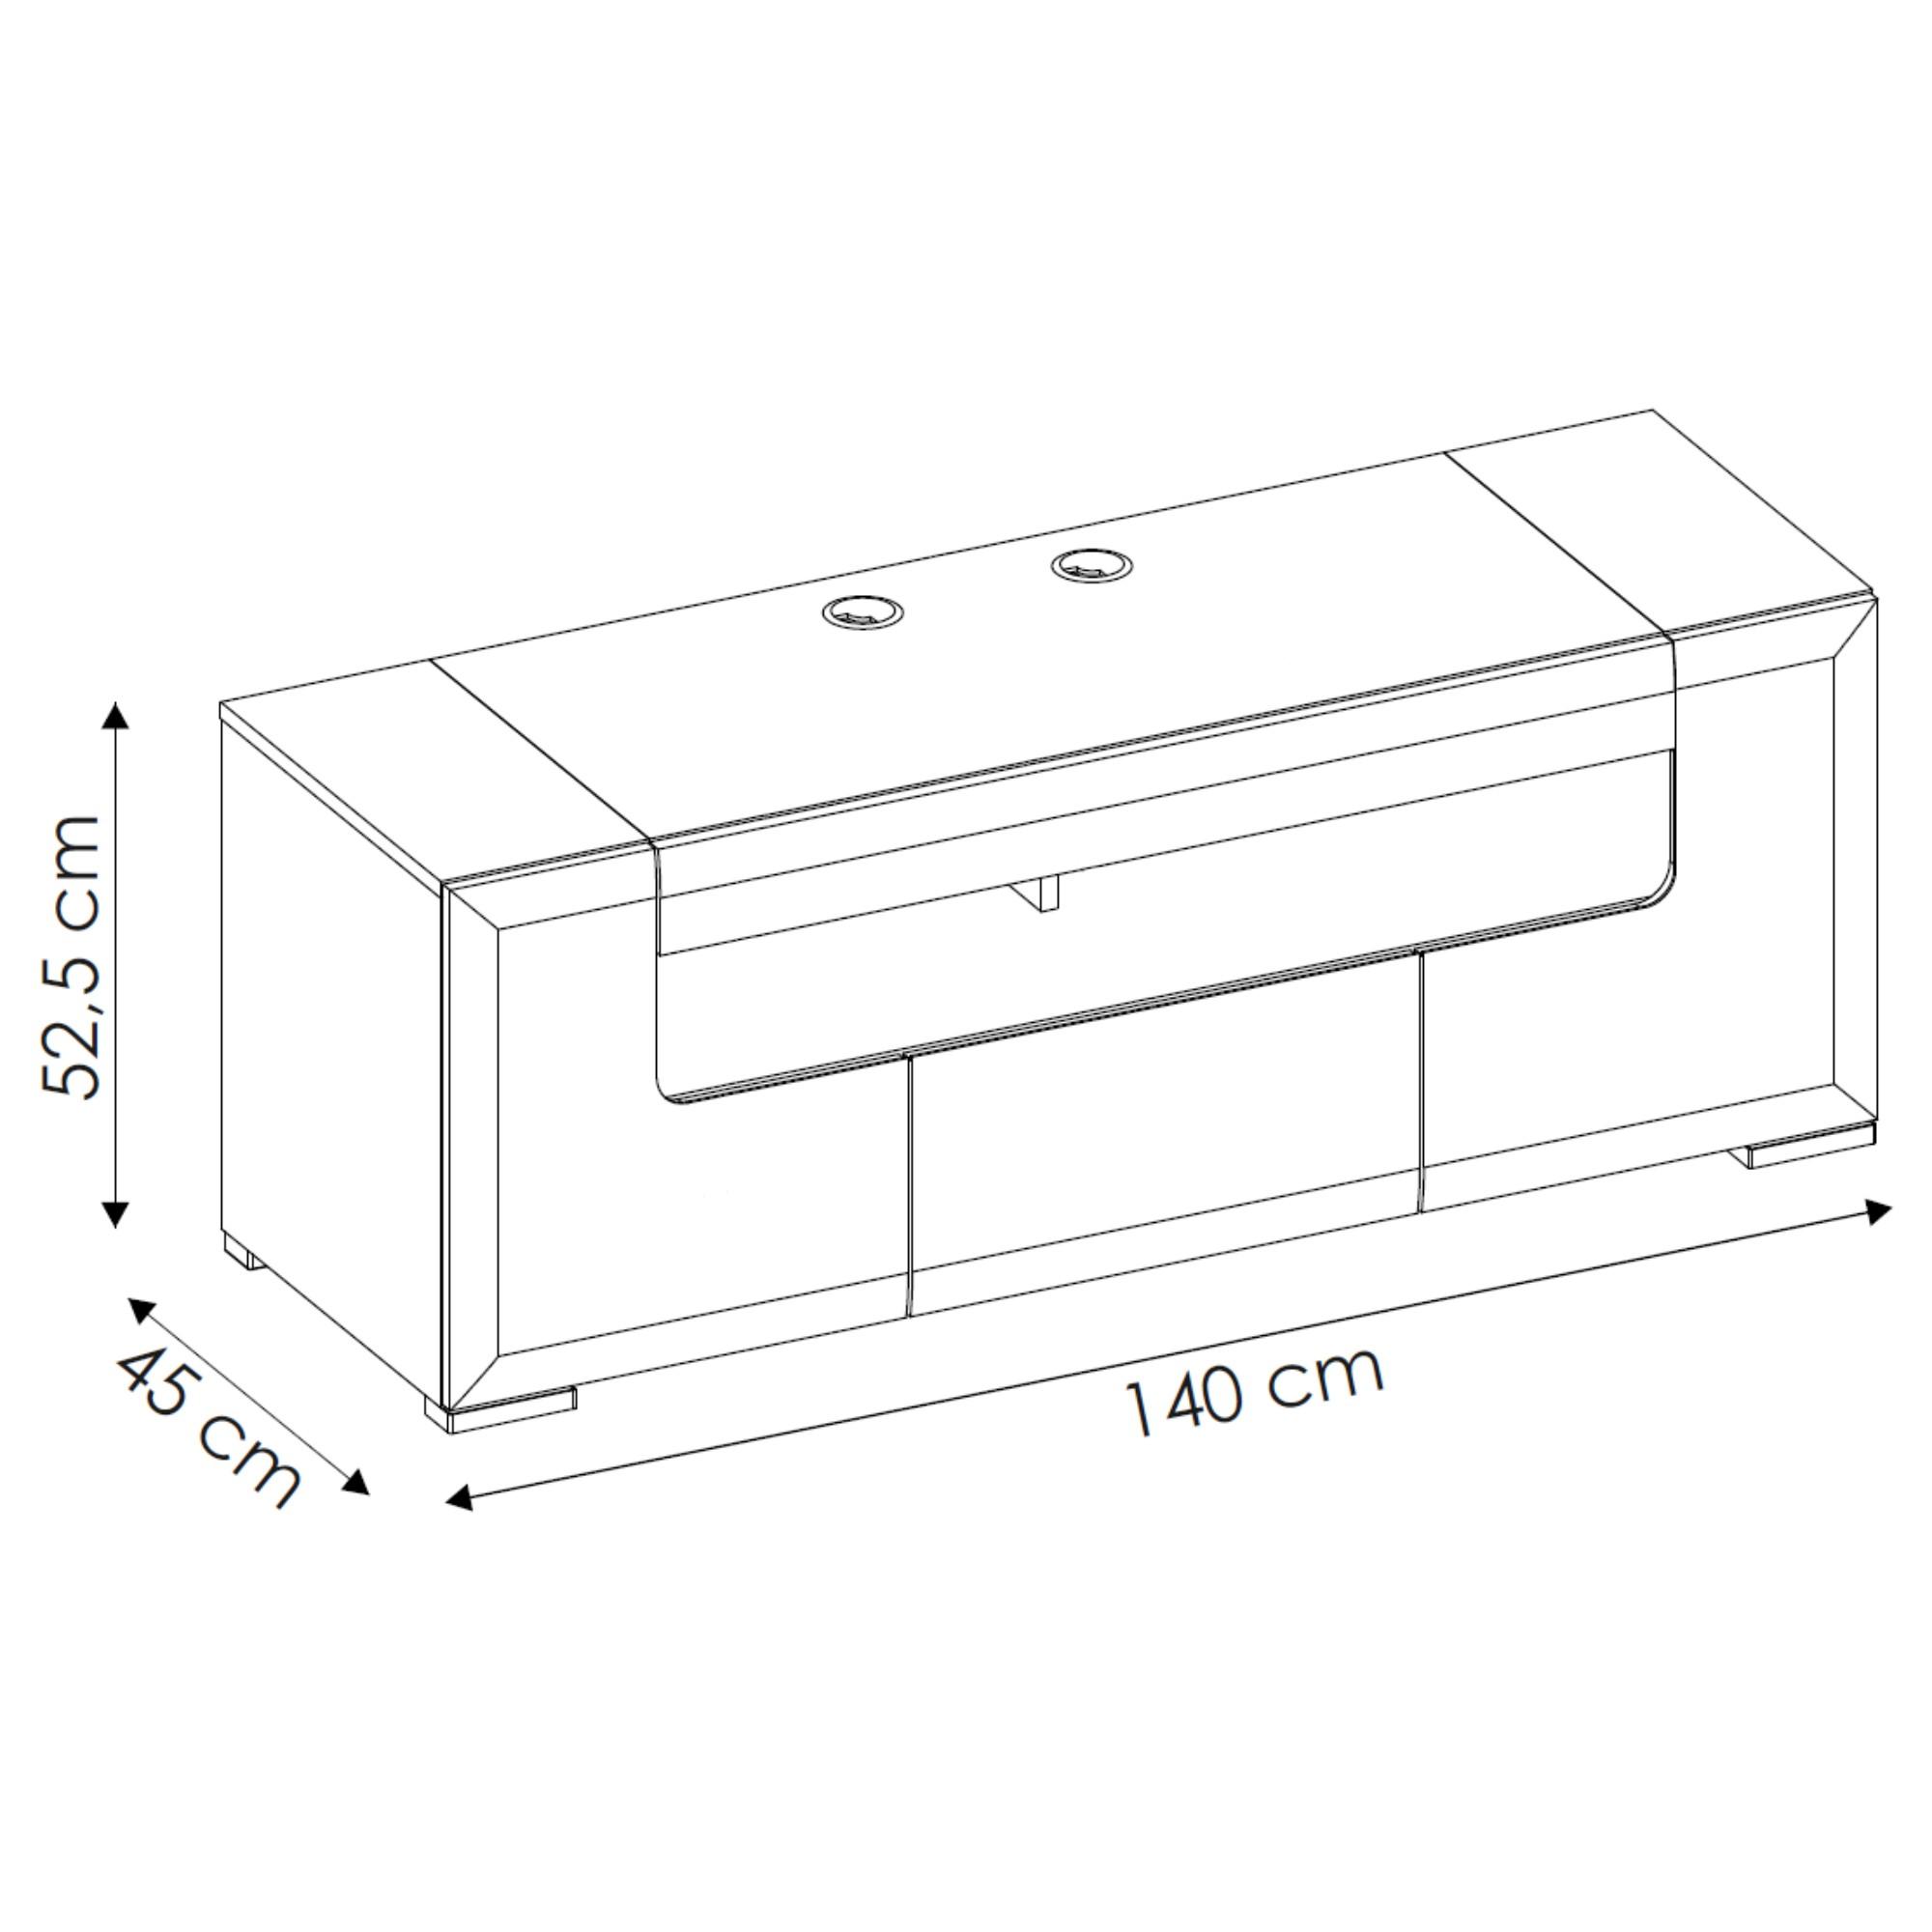 Sconto TV komoda CANTERO biela vysoký lesk/betón, šírka 140 cm.